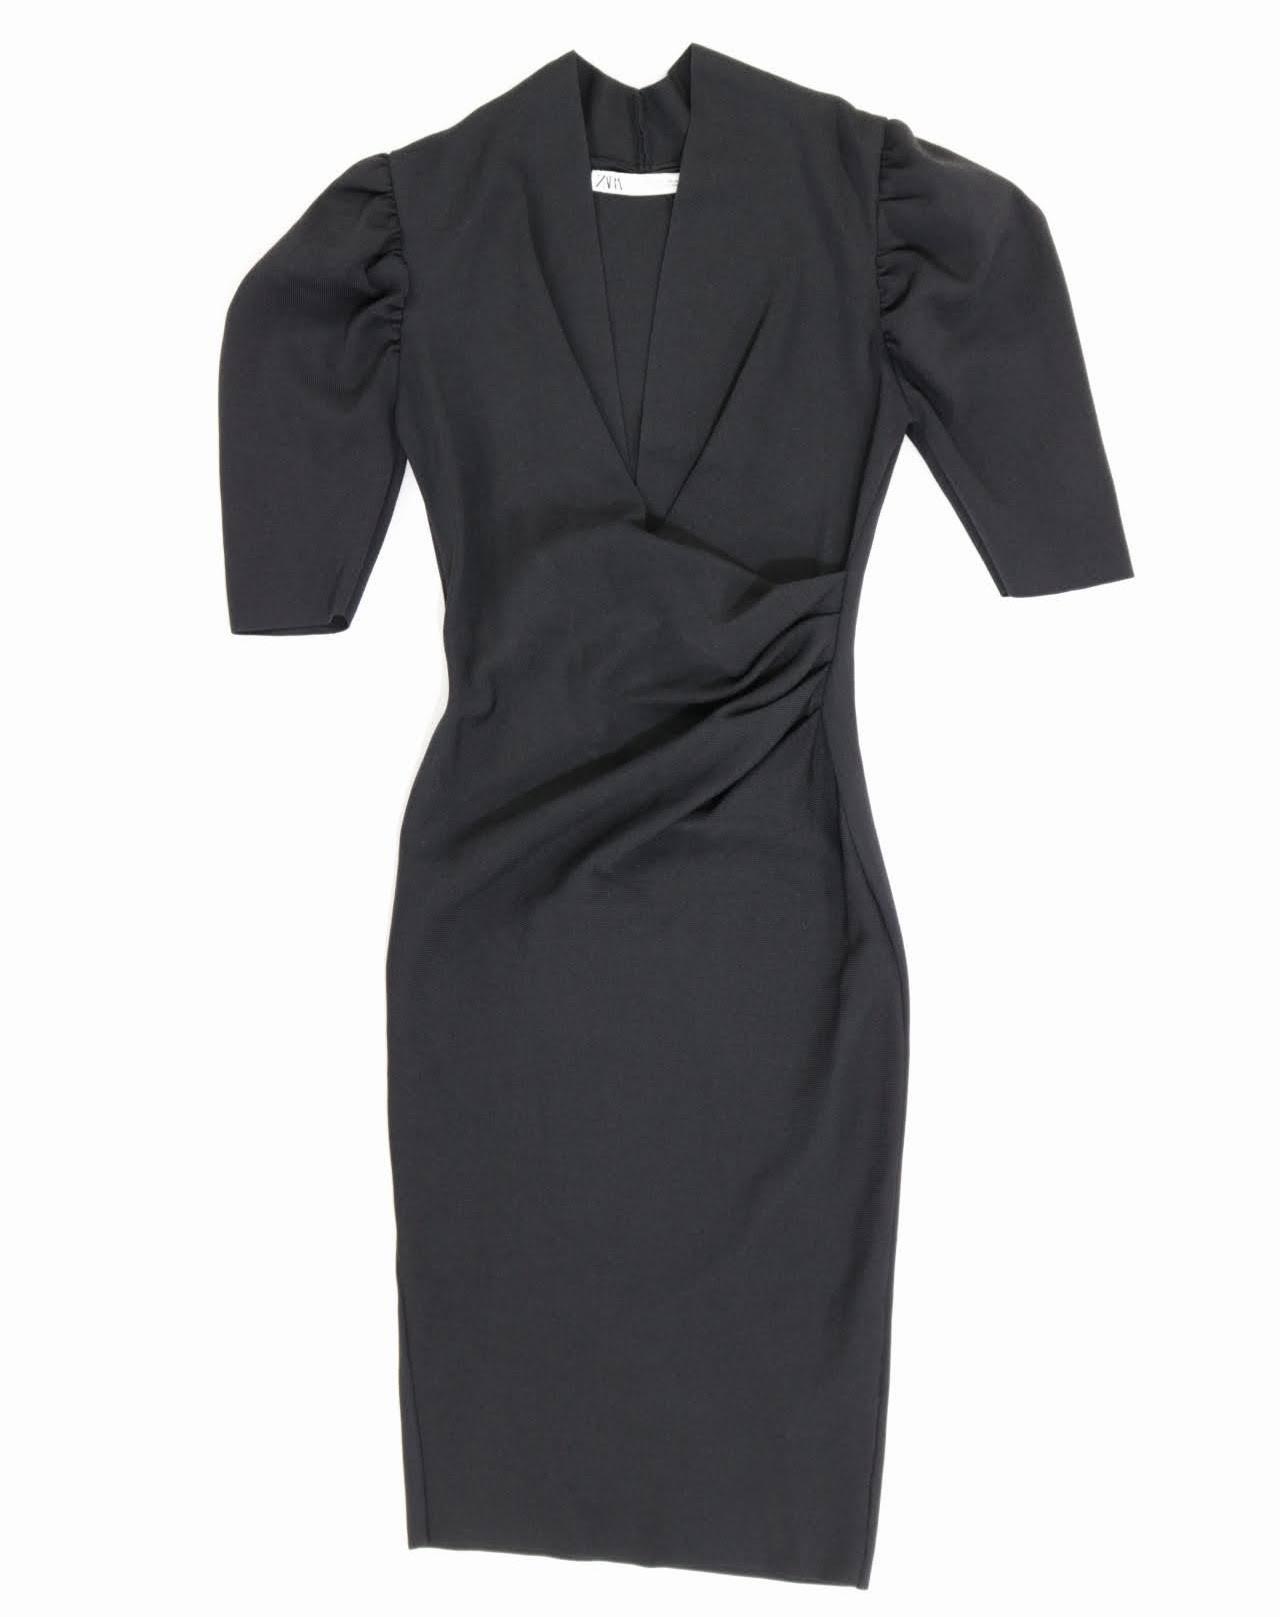 Vestido Zara- Tam P